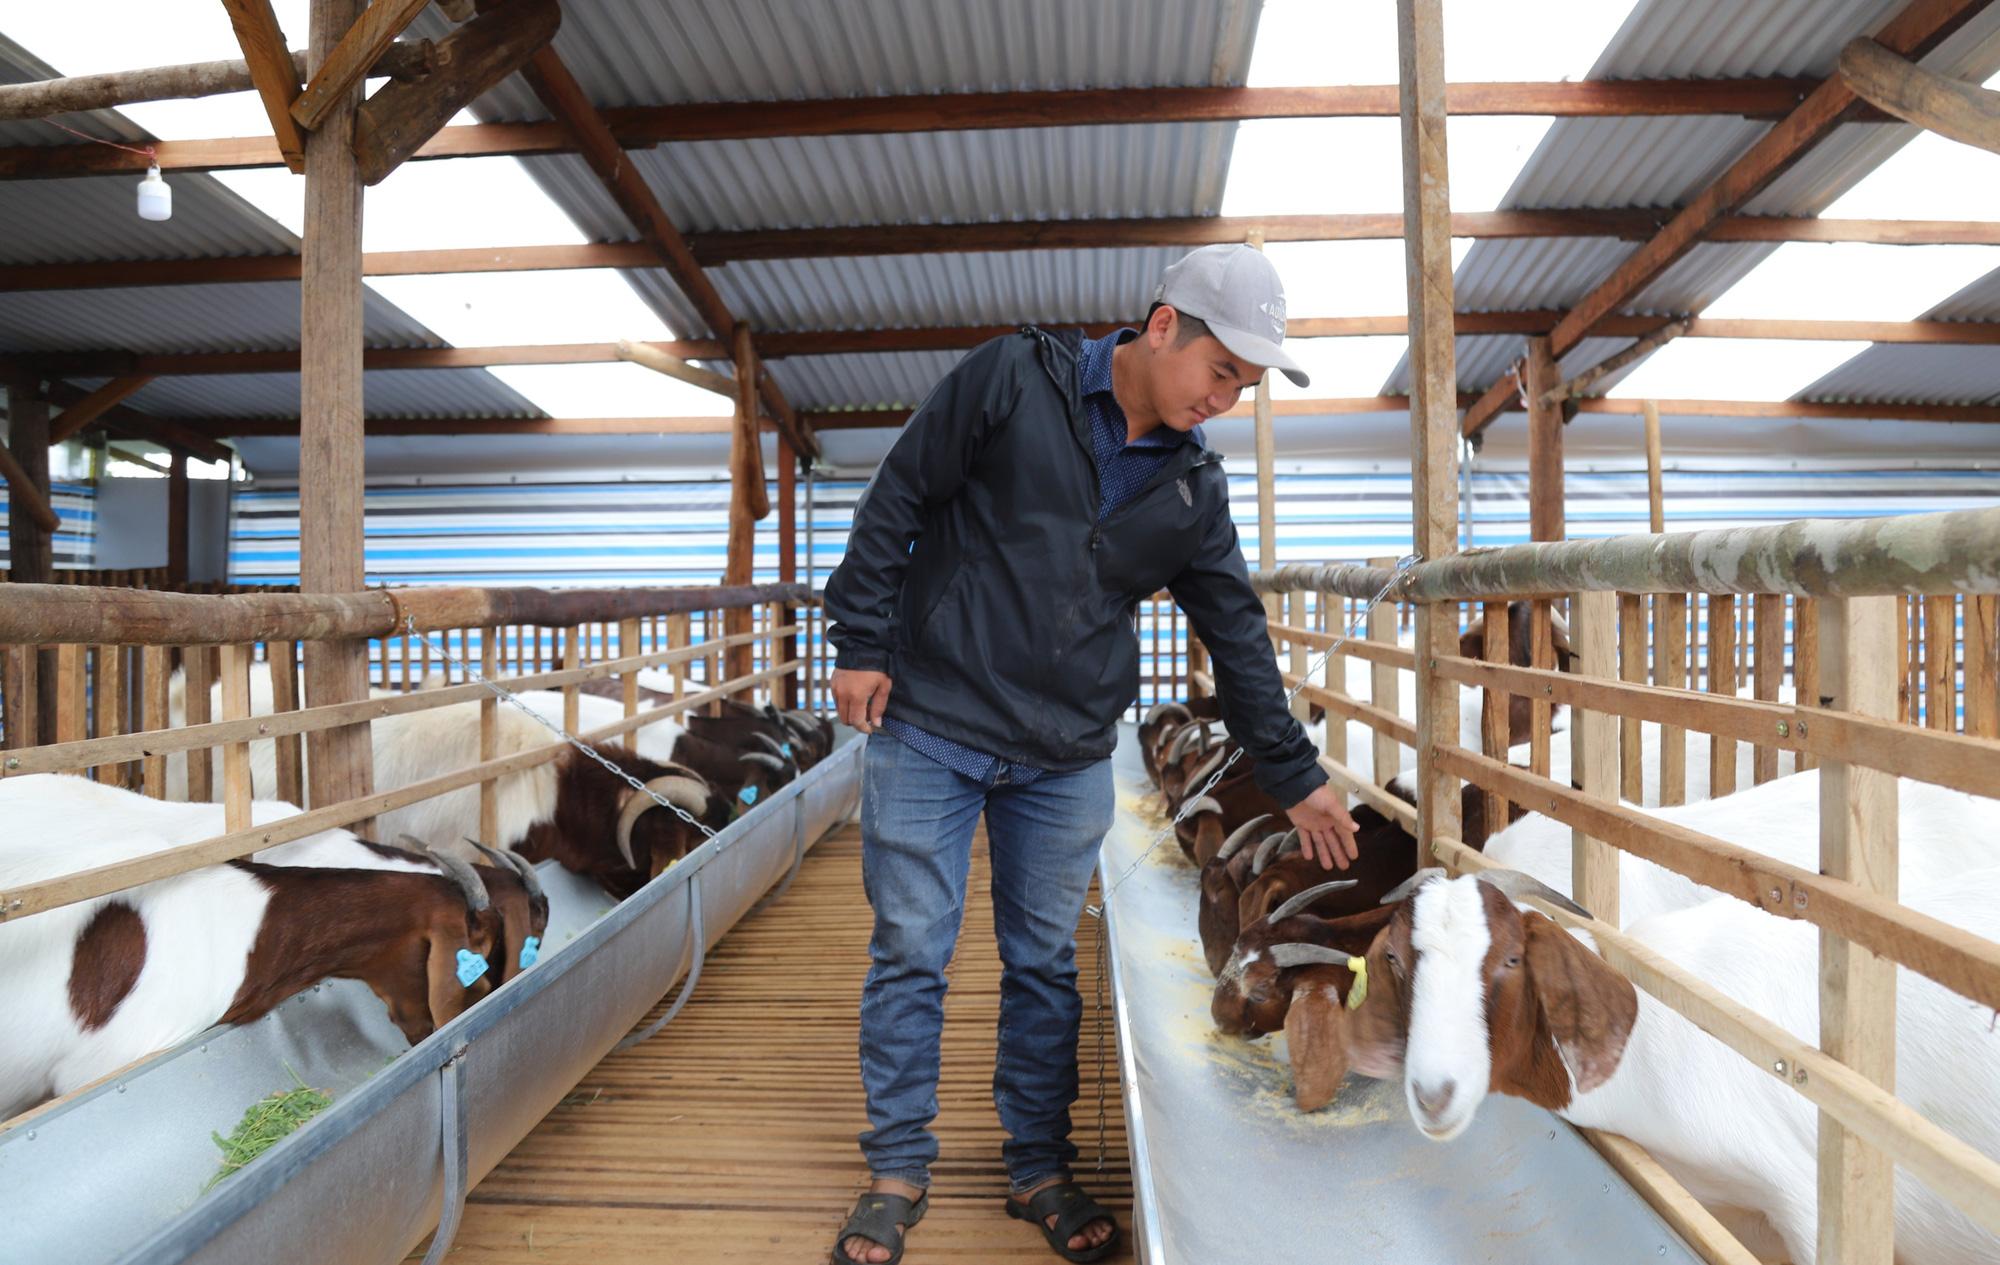 Vừa nuôi thỏ, vừa nuôi dê, 9X này thu nhập tiền tỷ mỗi năm - Ảnh 3.